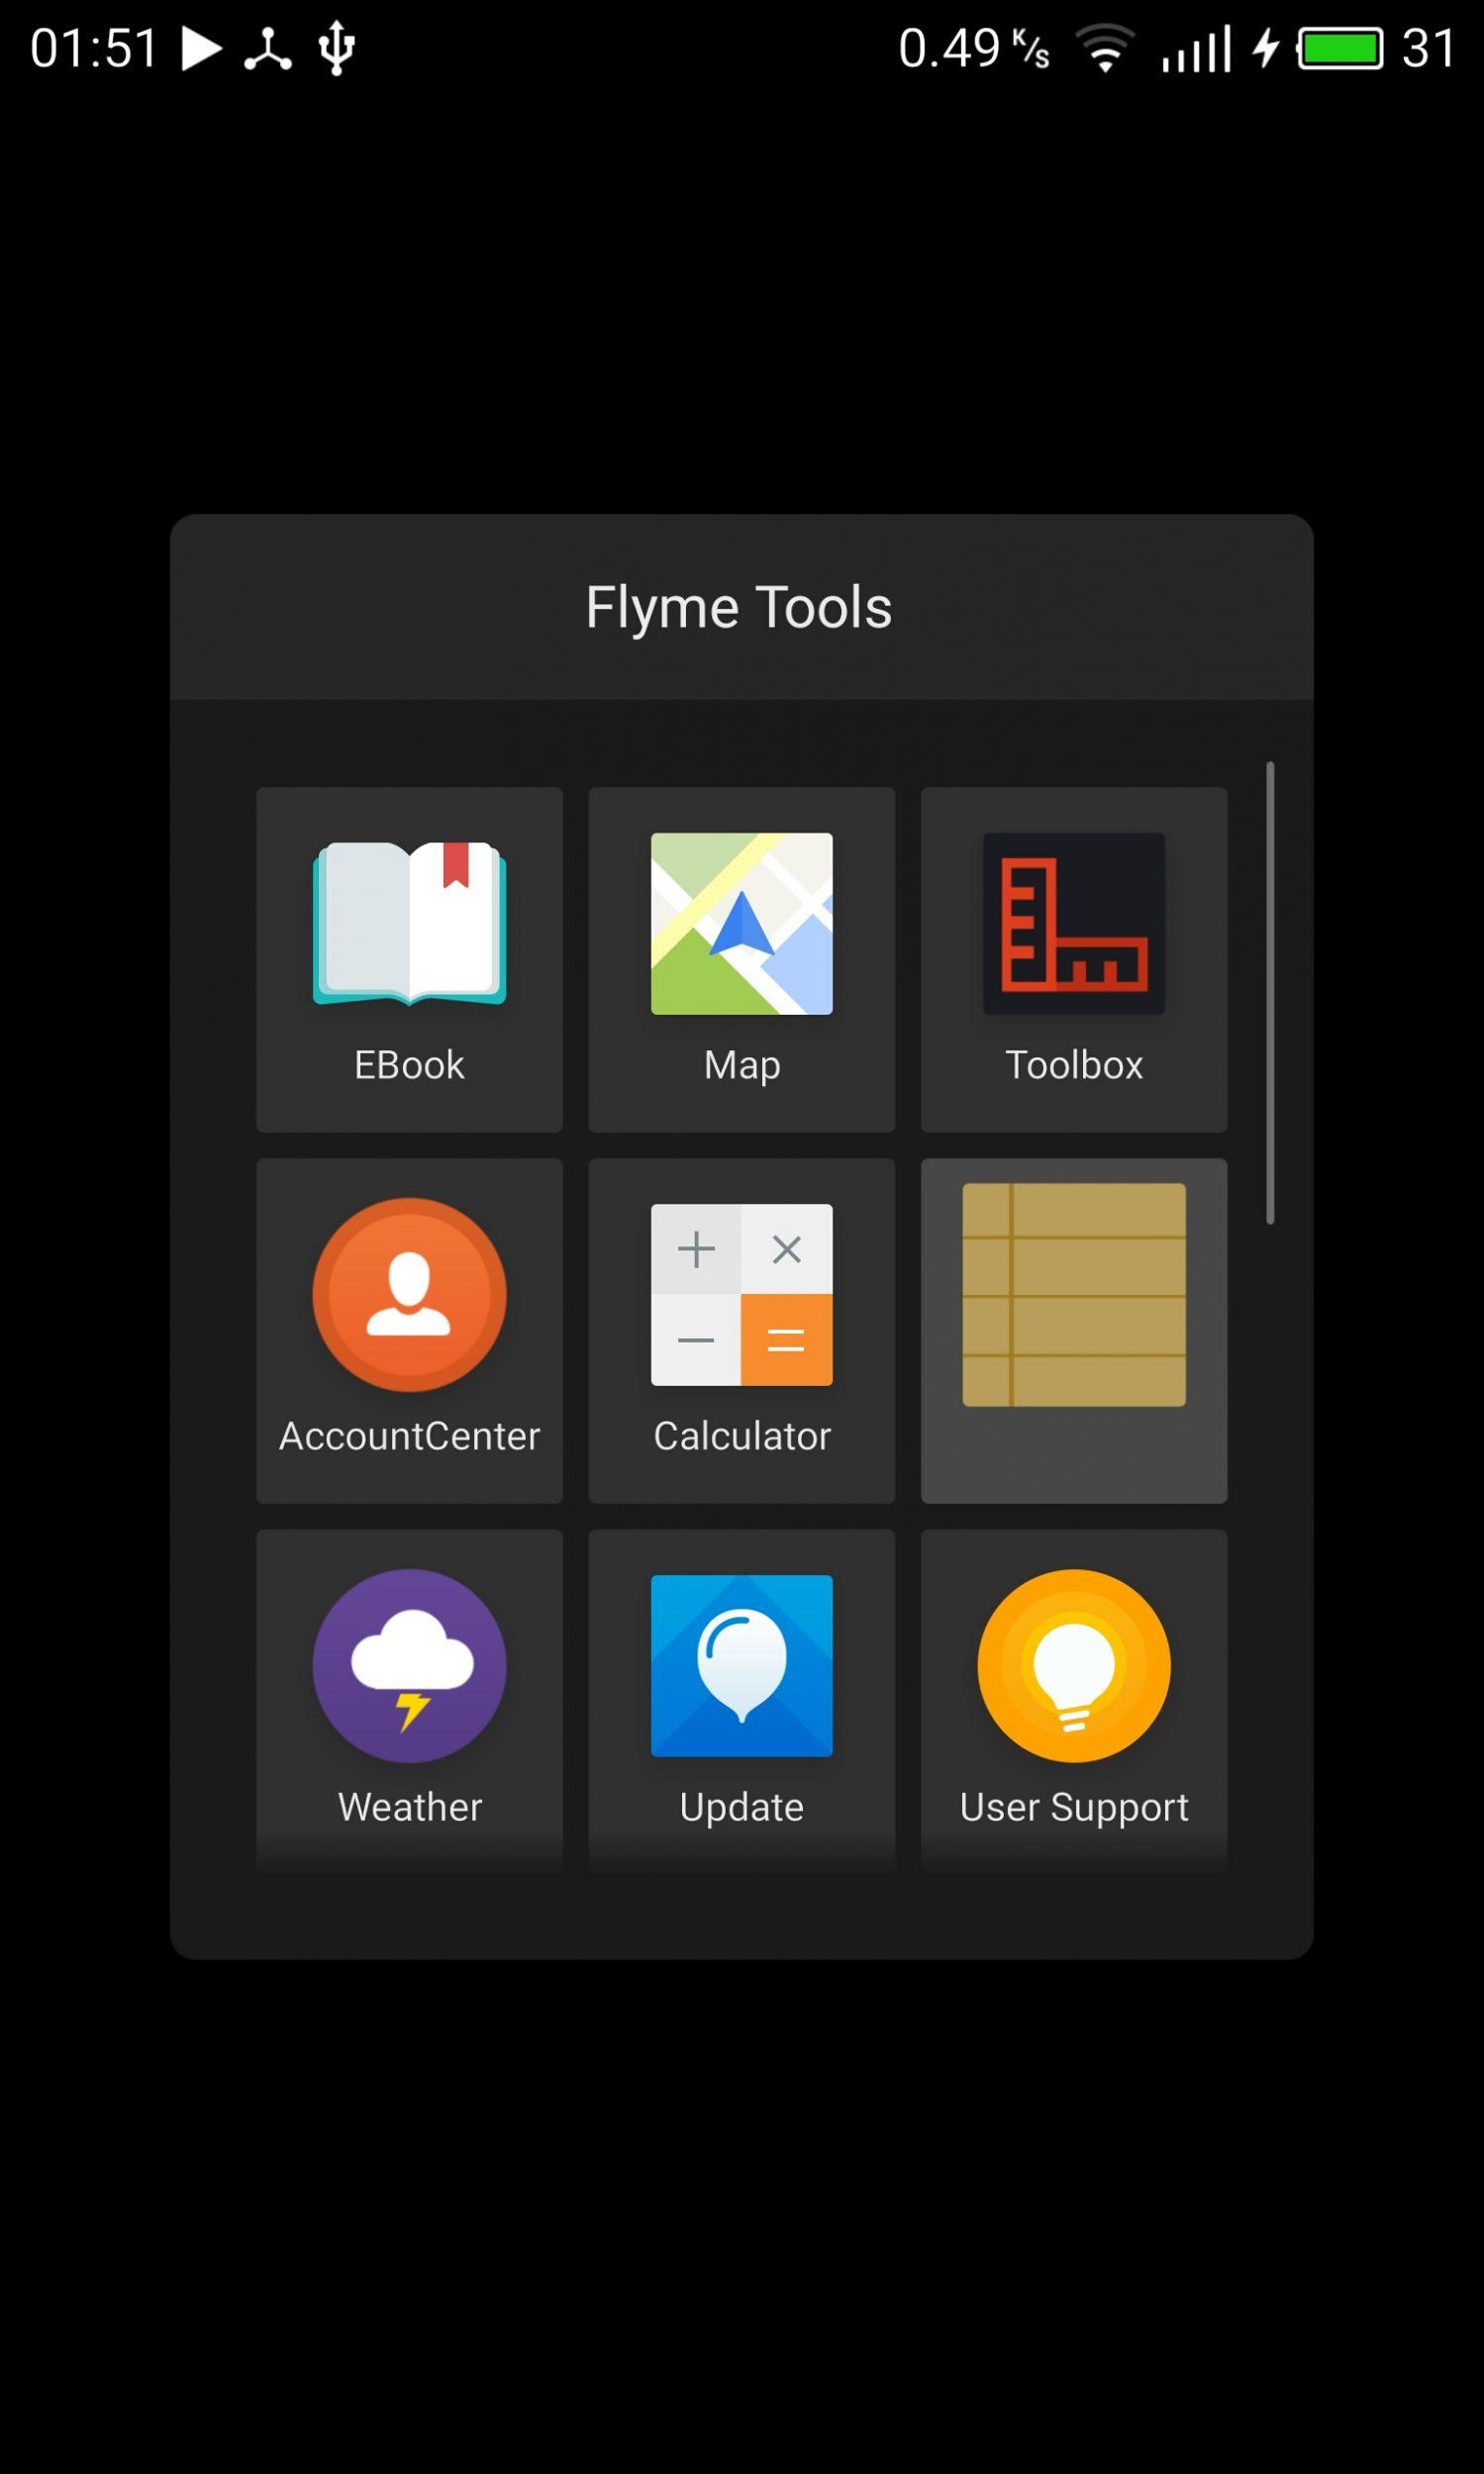 APP] Flyme 6 Stock App(*Update)-Flyme Official Forum